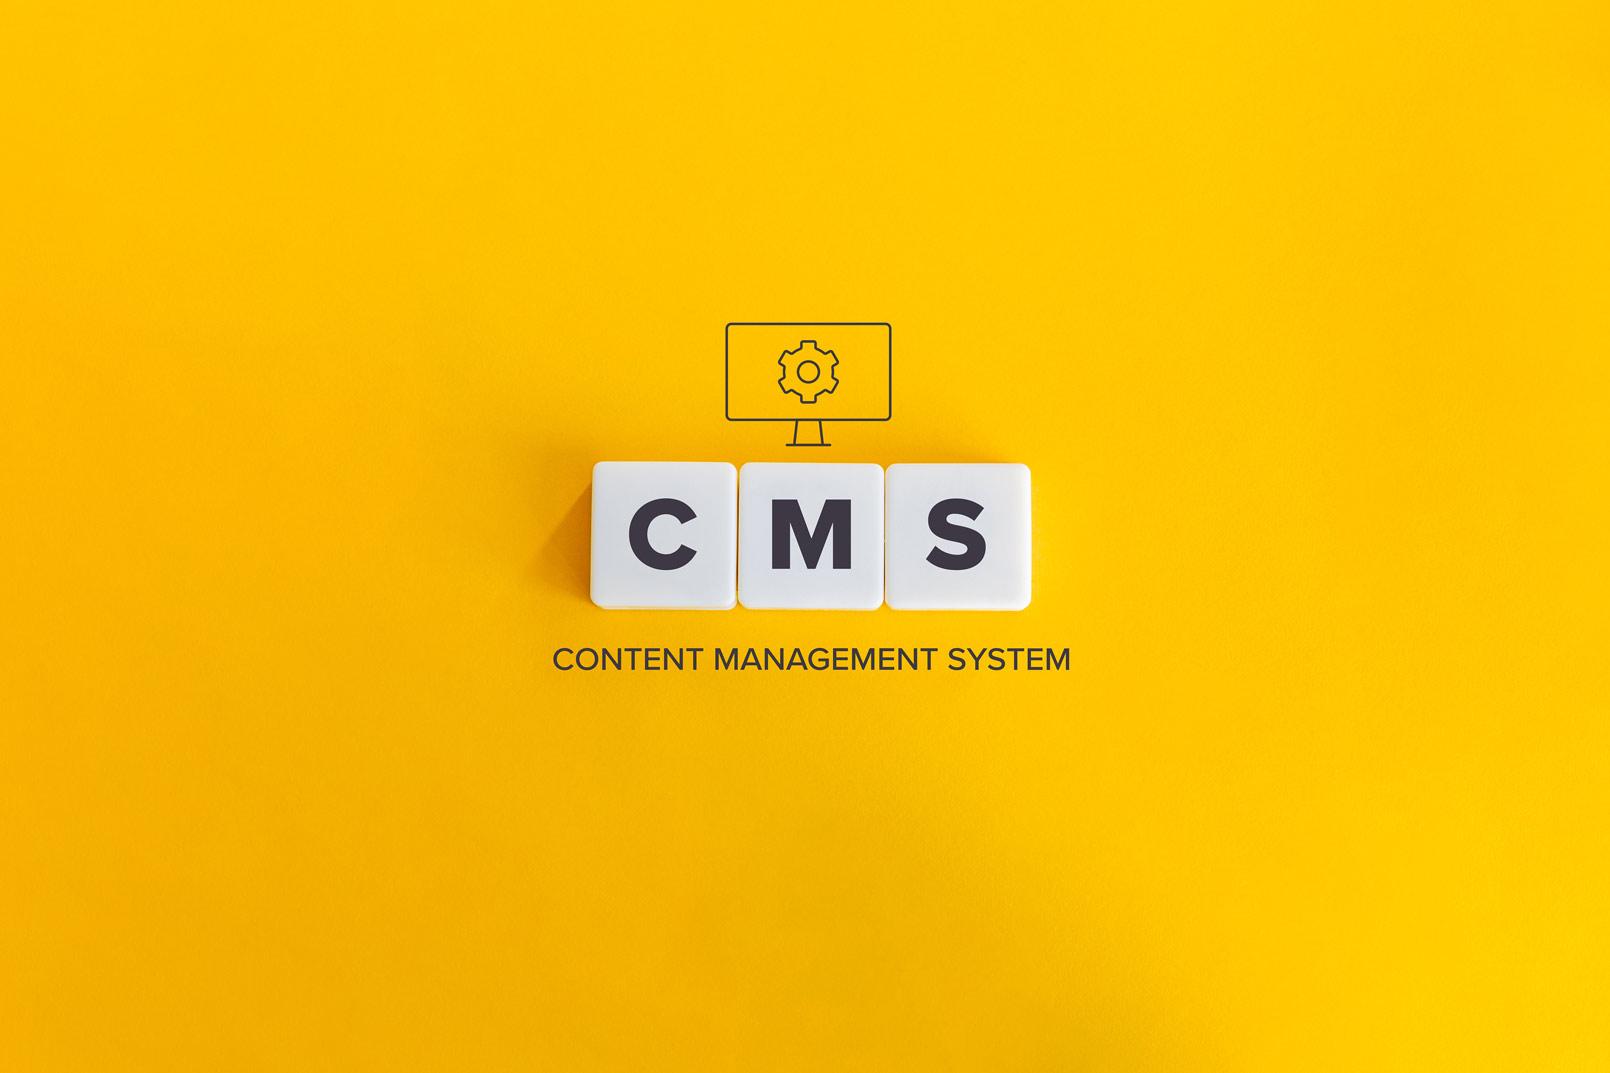 Les 9 meilleurs CMS pour lancer un site web en 2021